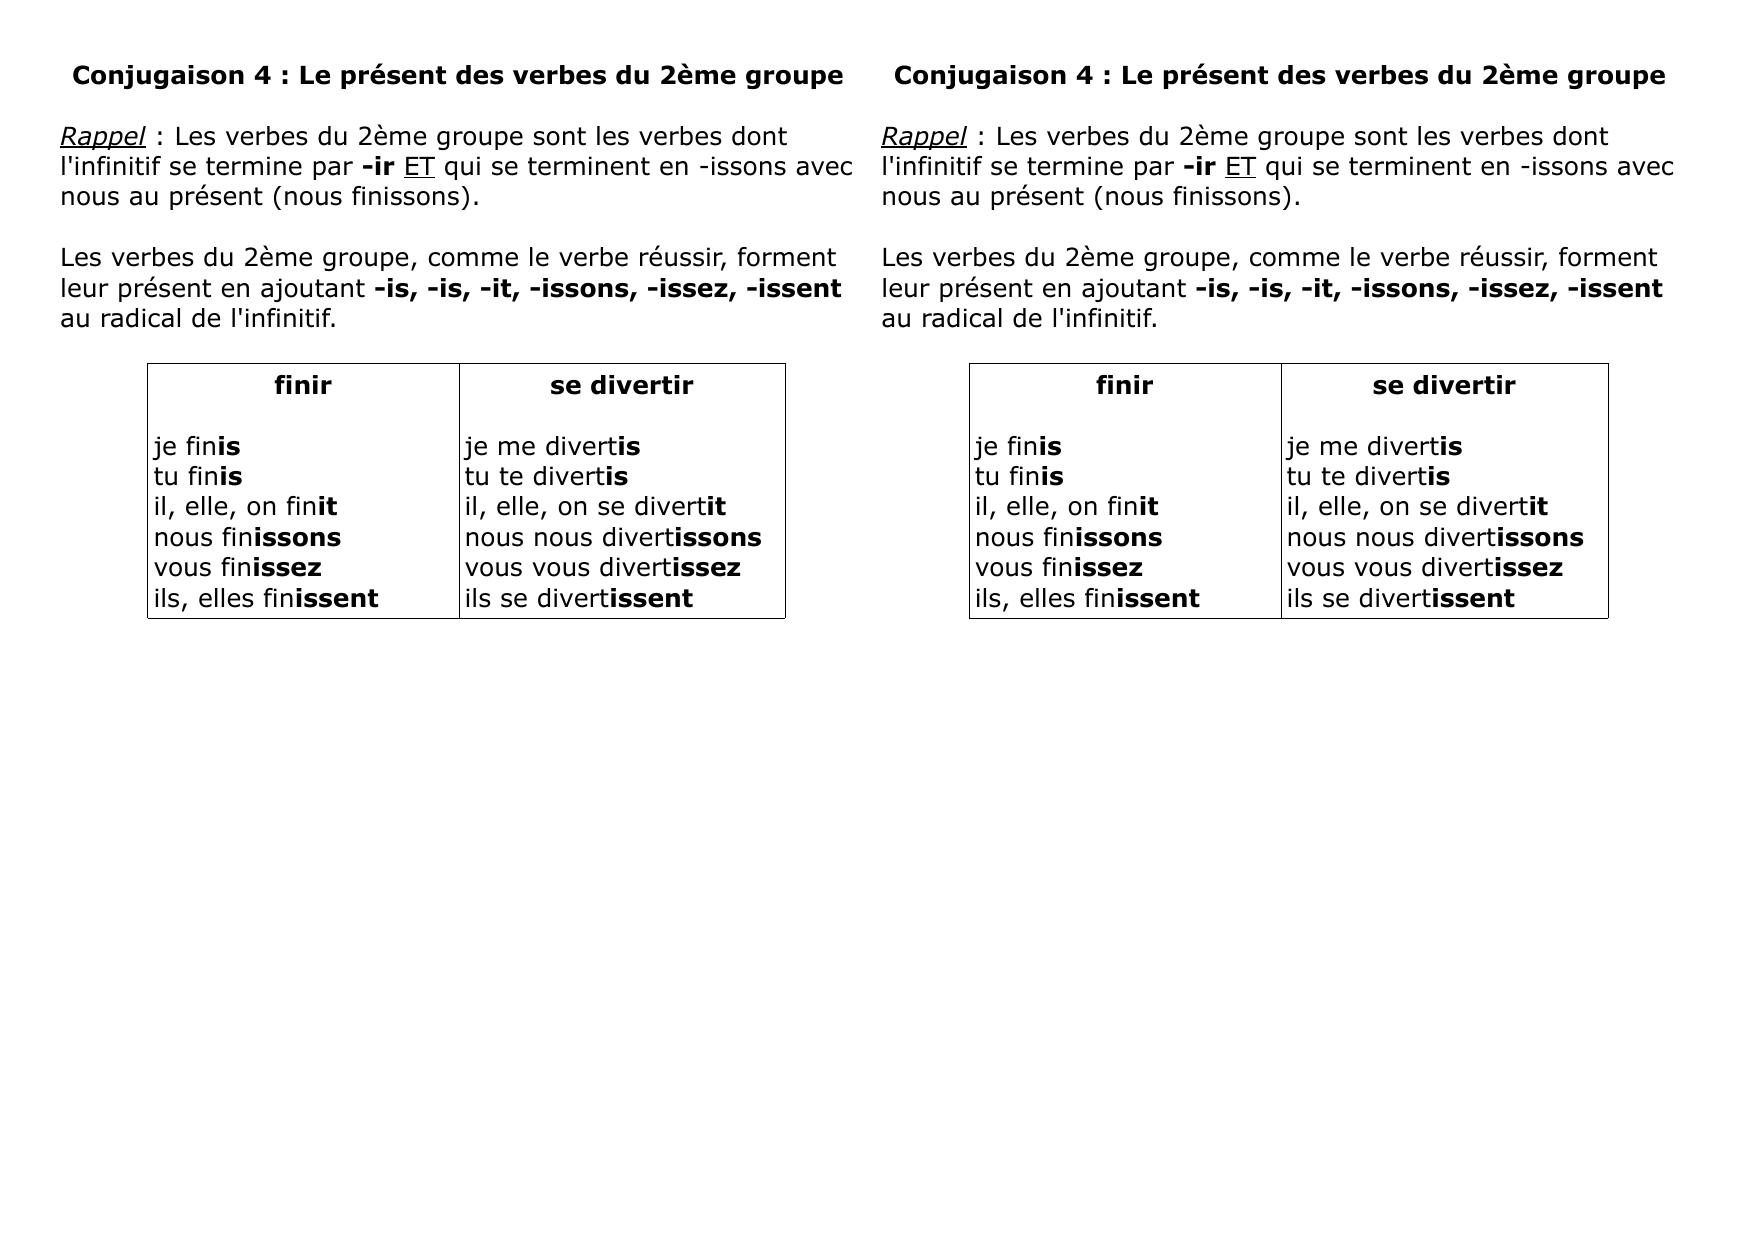 Conjugaison 4 Le Present Des Verbes Du 2eme Groupe Rappel